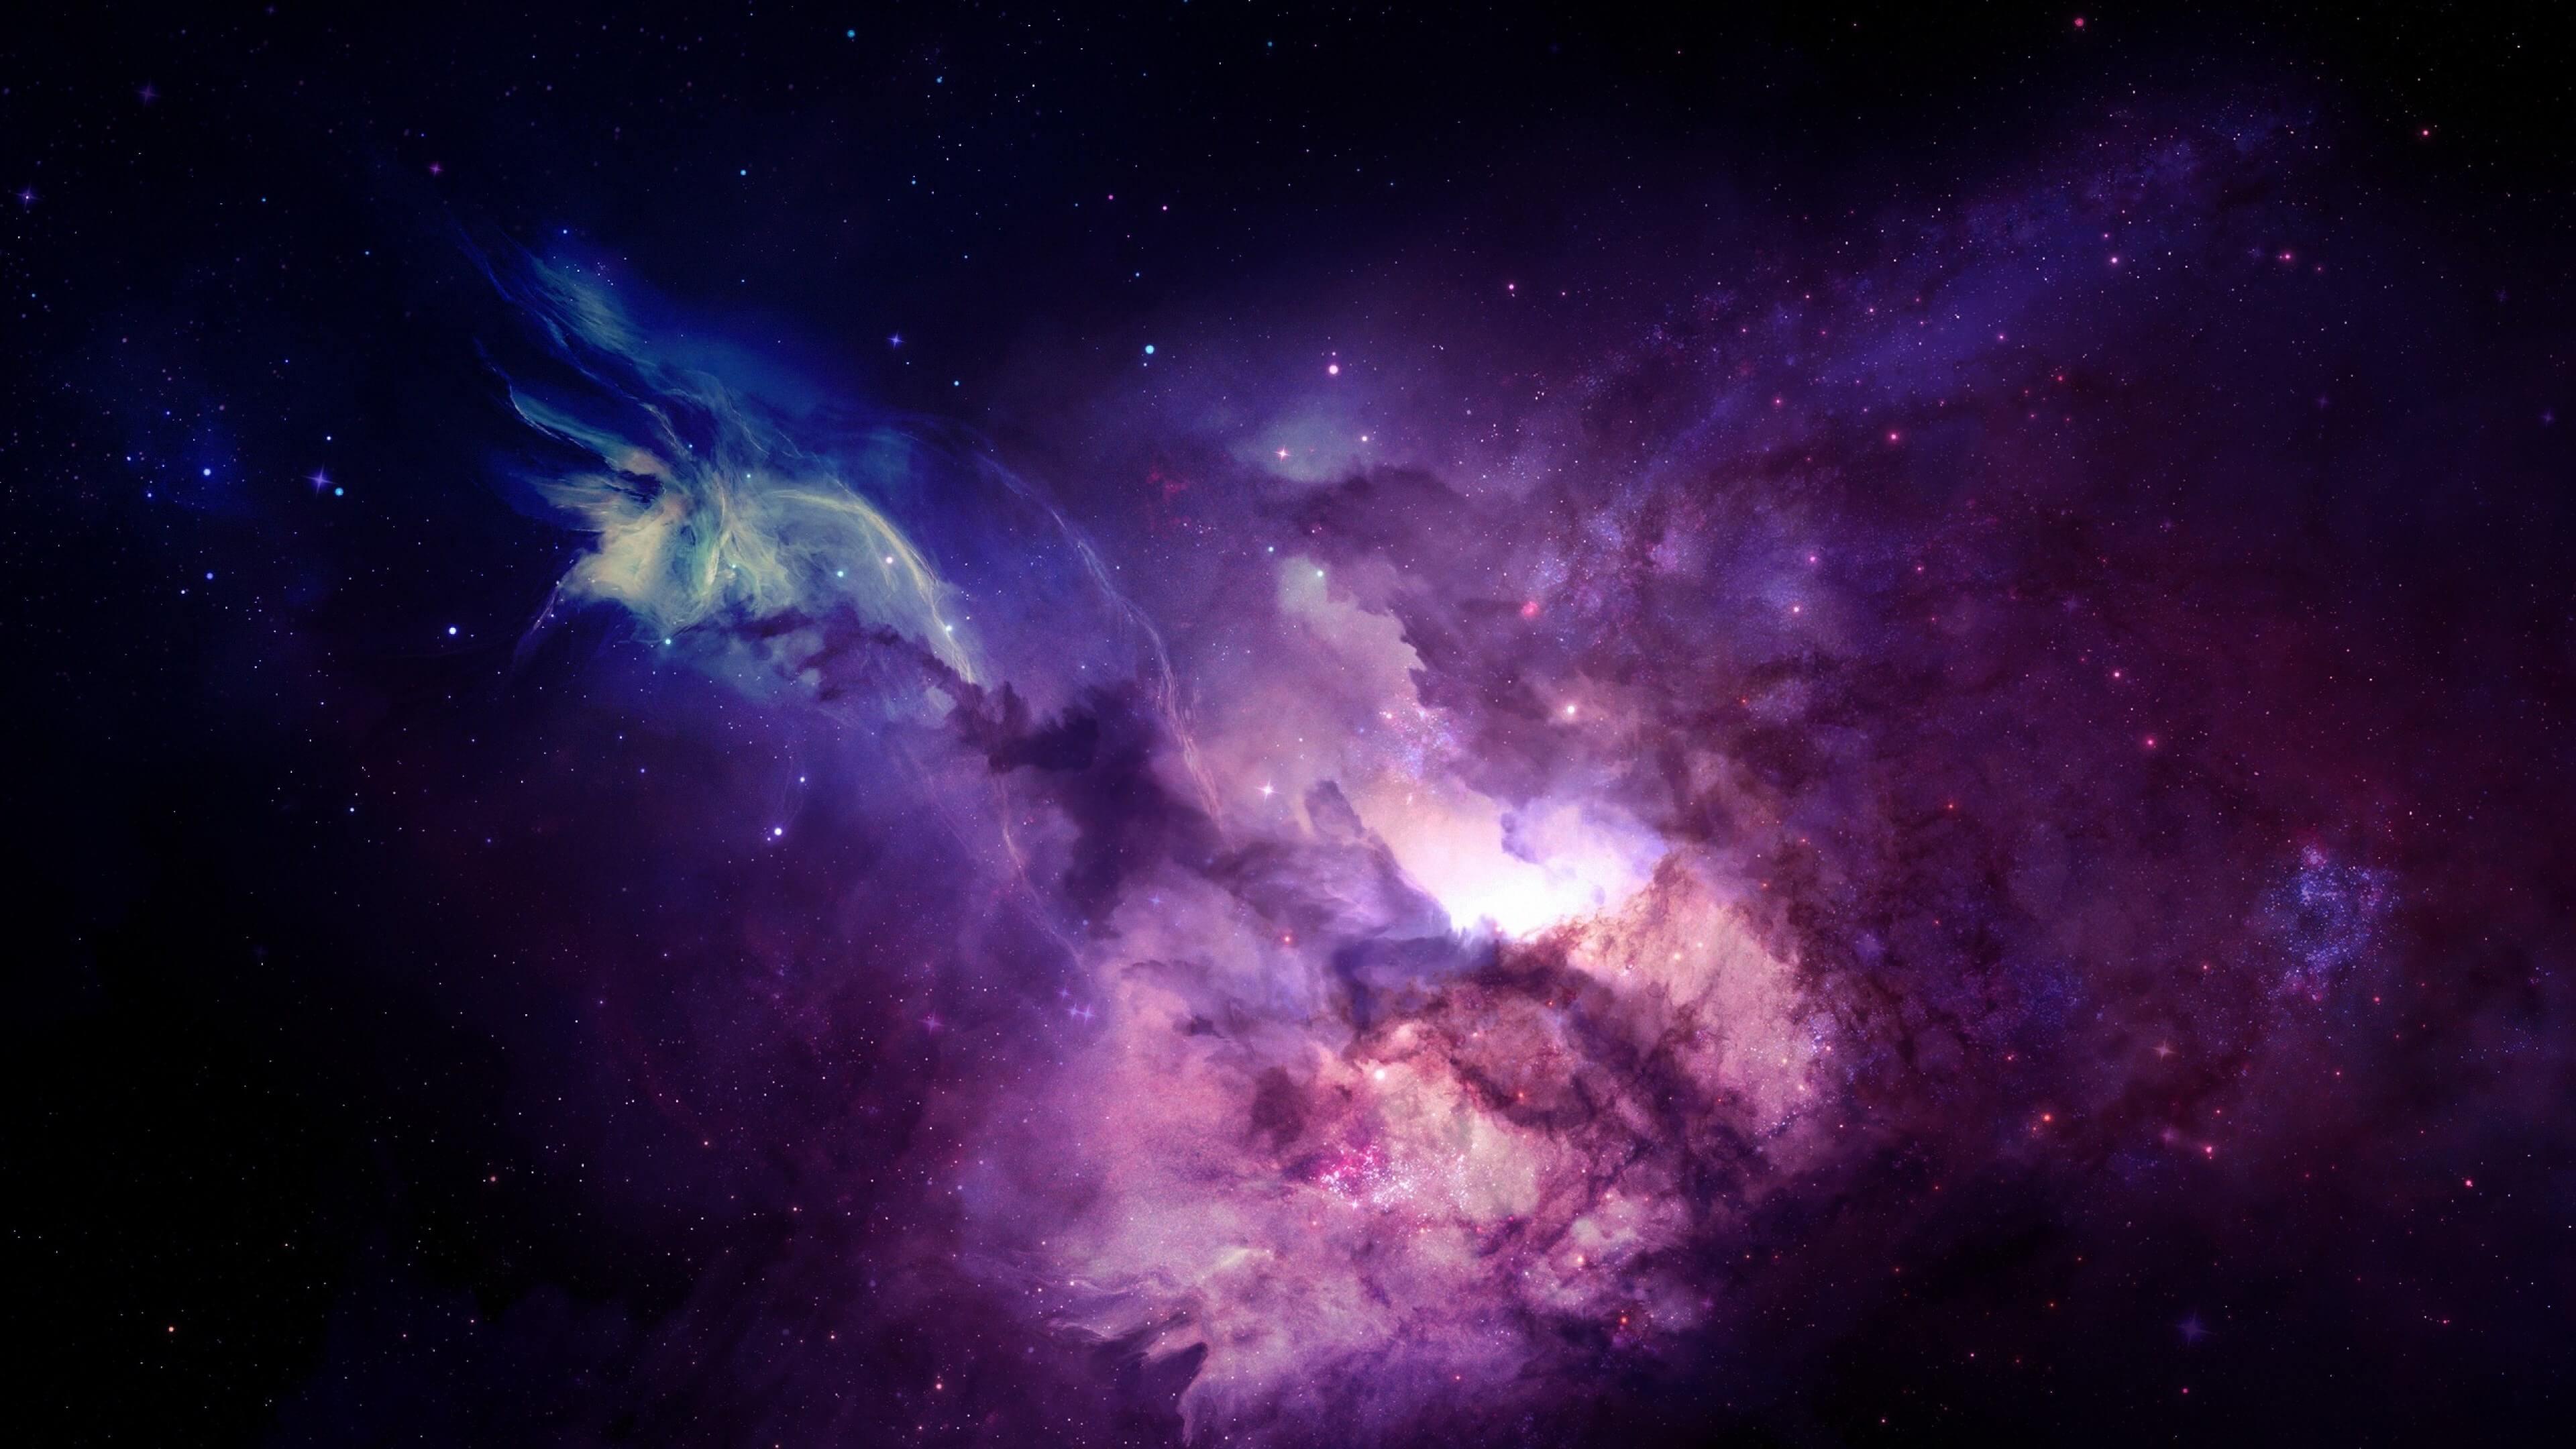 Purple Nebula HD wallpaper for 4K 3840 x 2160   HDwallpapersnet 3840x2160